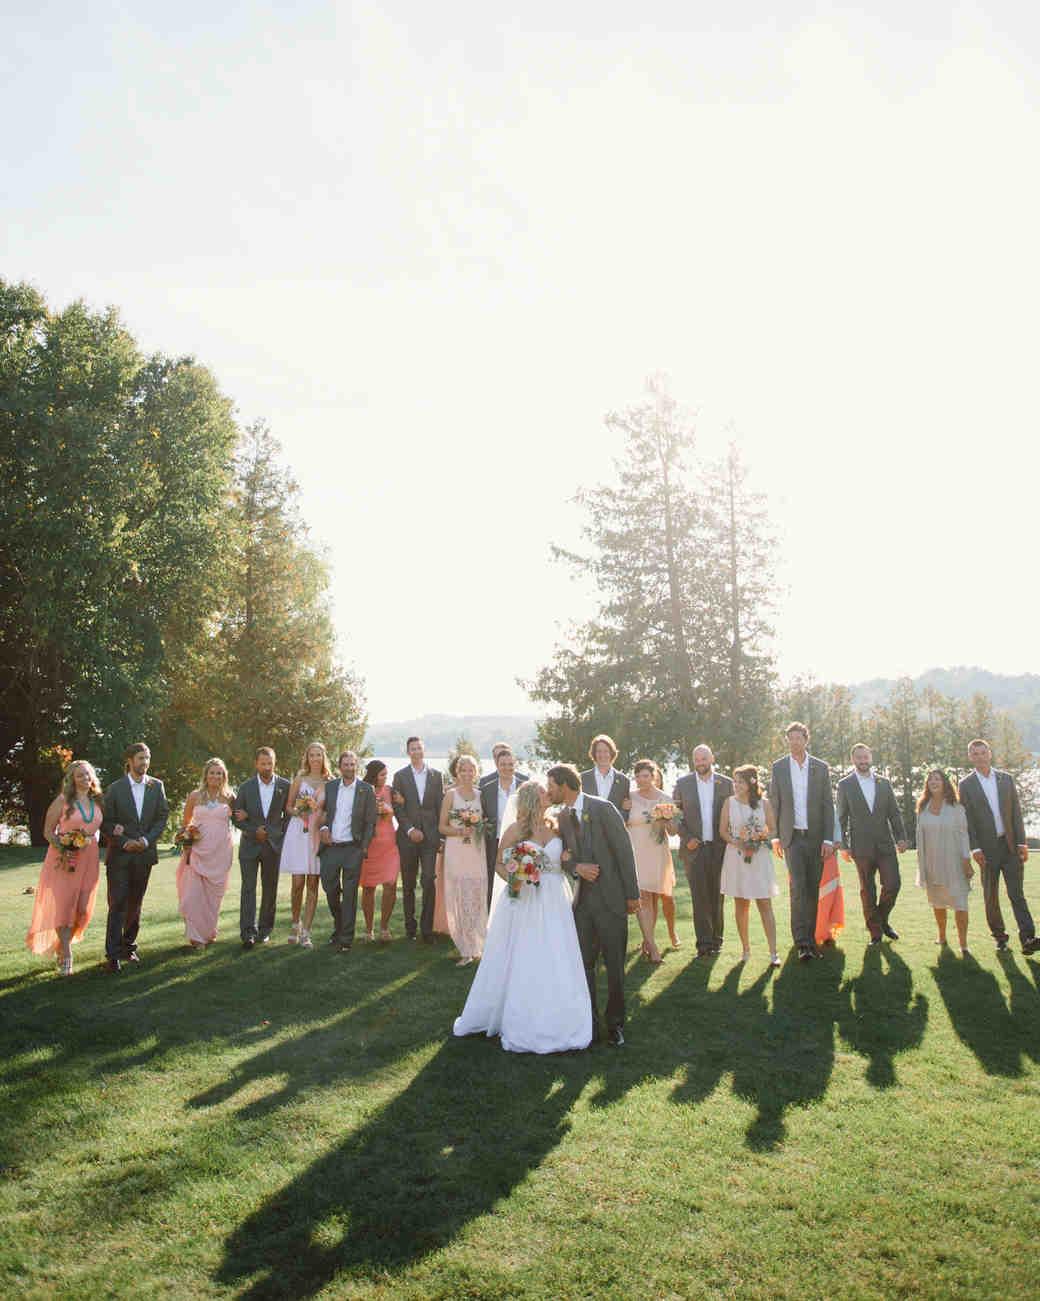 lizzy-bucky-wedding-bridalparty-411-s111857-0315.jpg